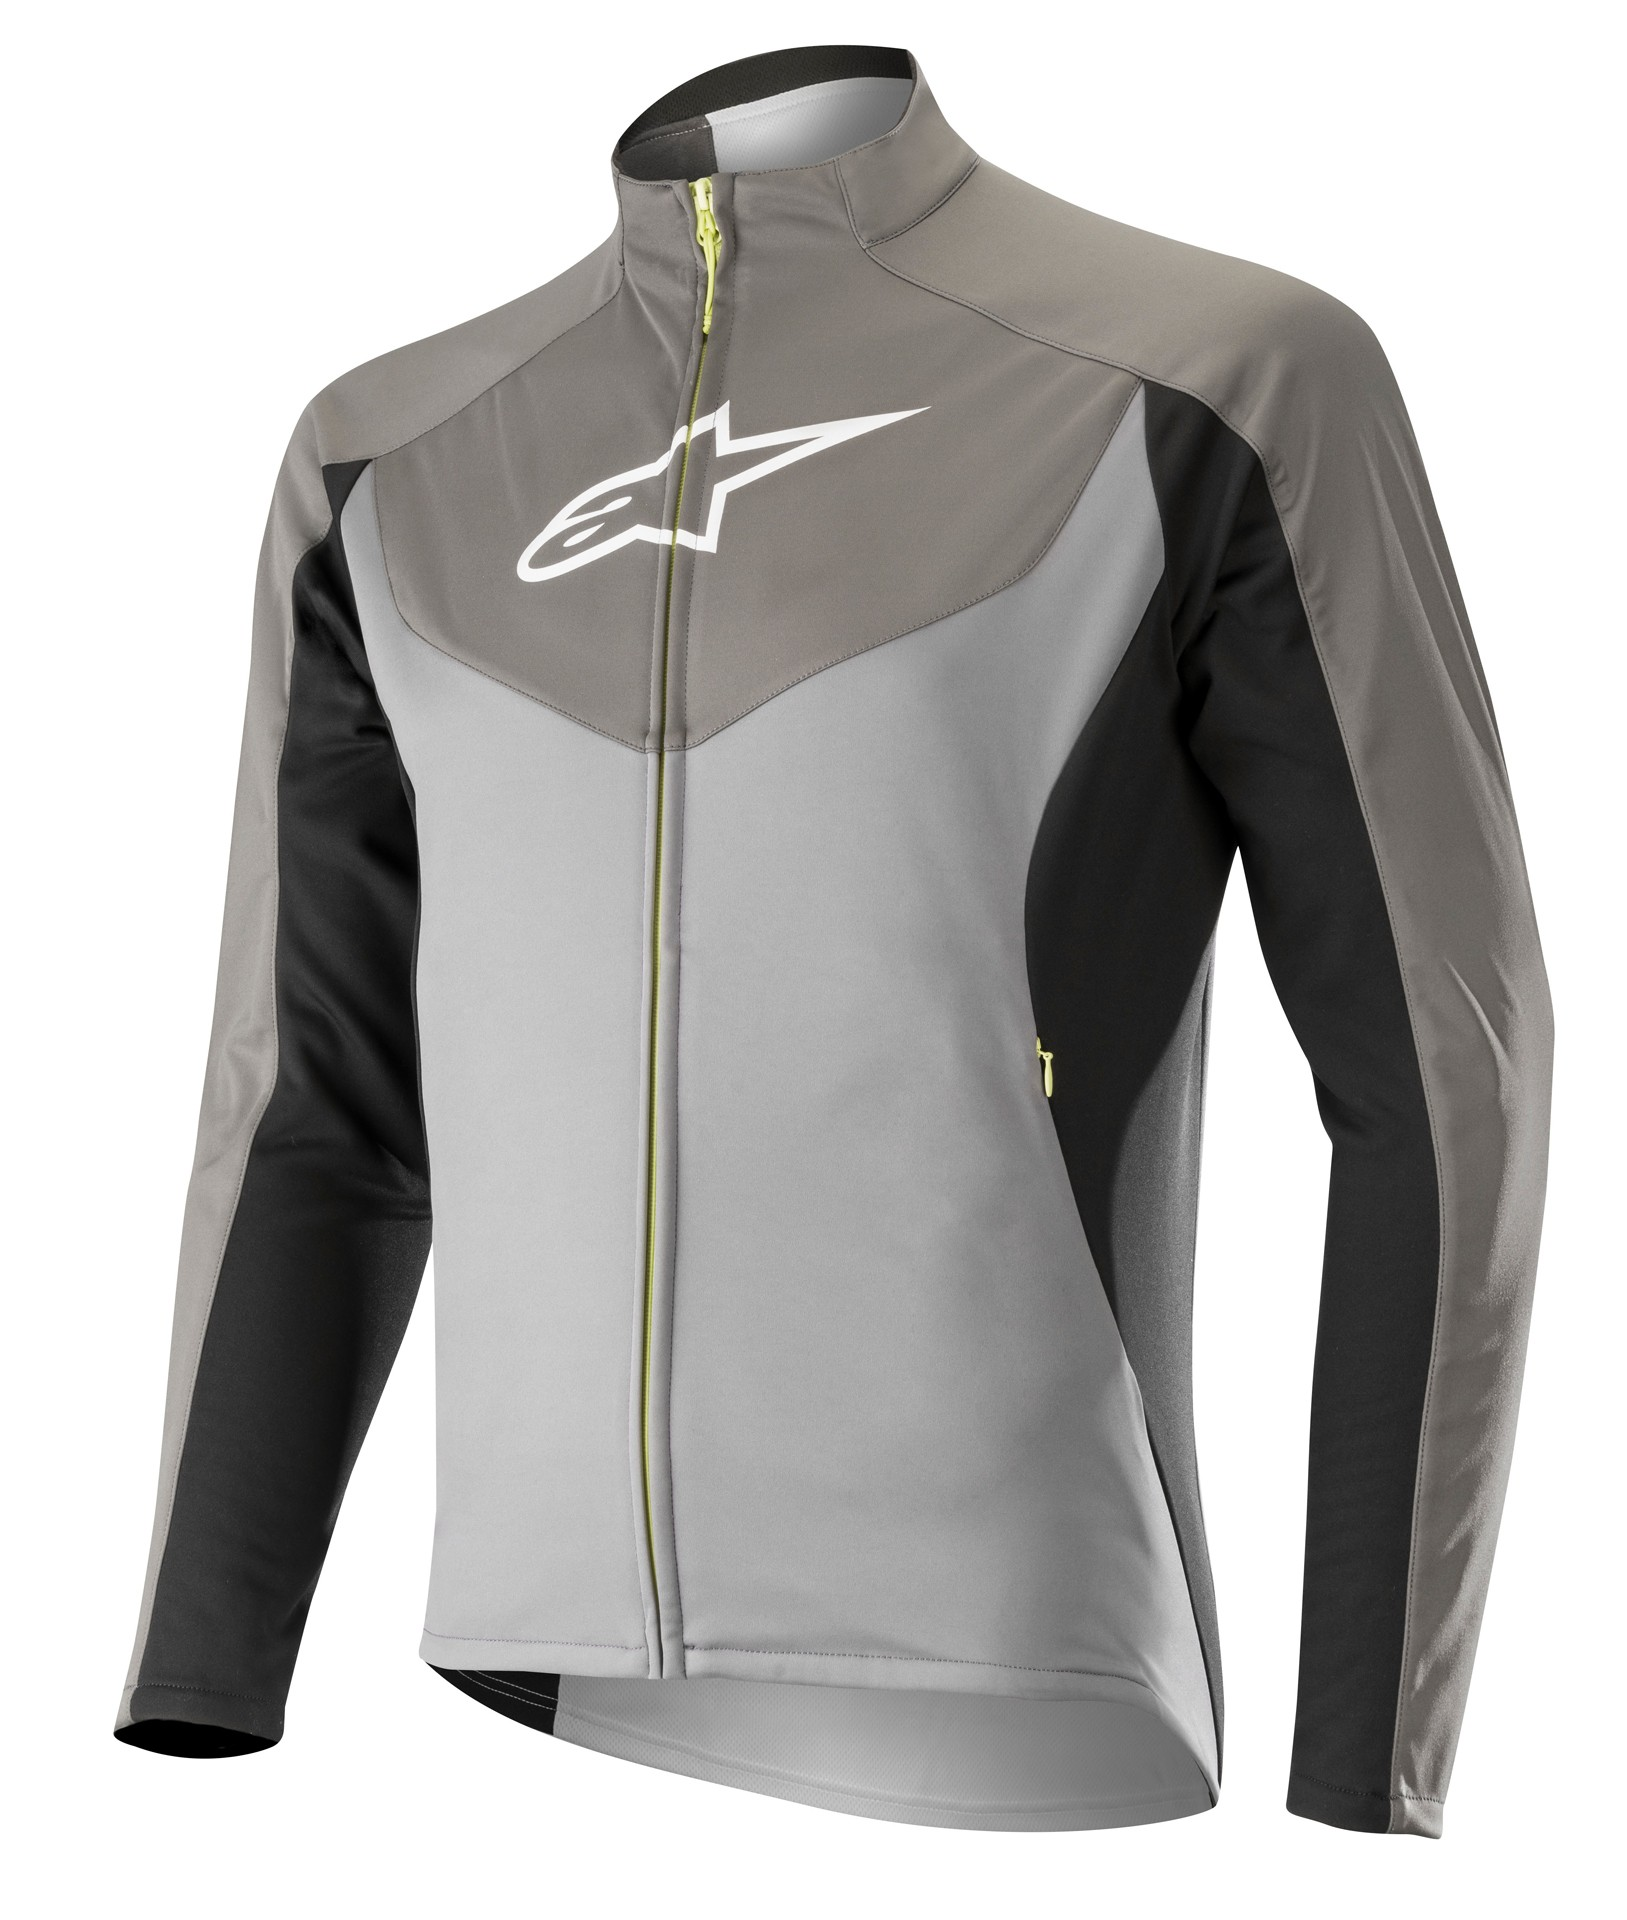 Alpinestars mid layer veste de cyclisme steel gris dark shadow